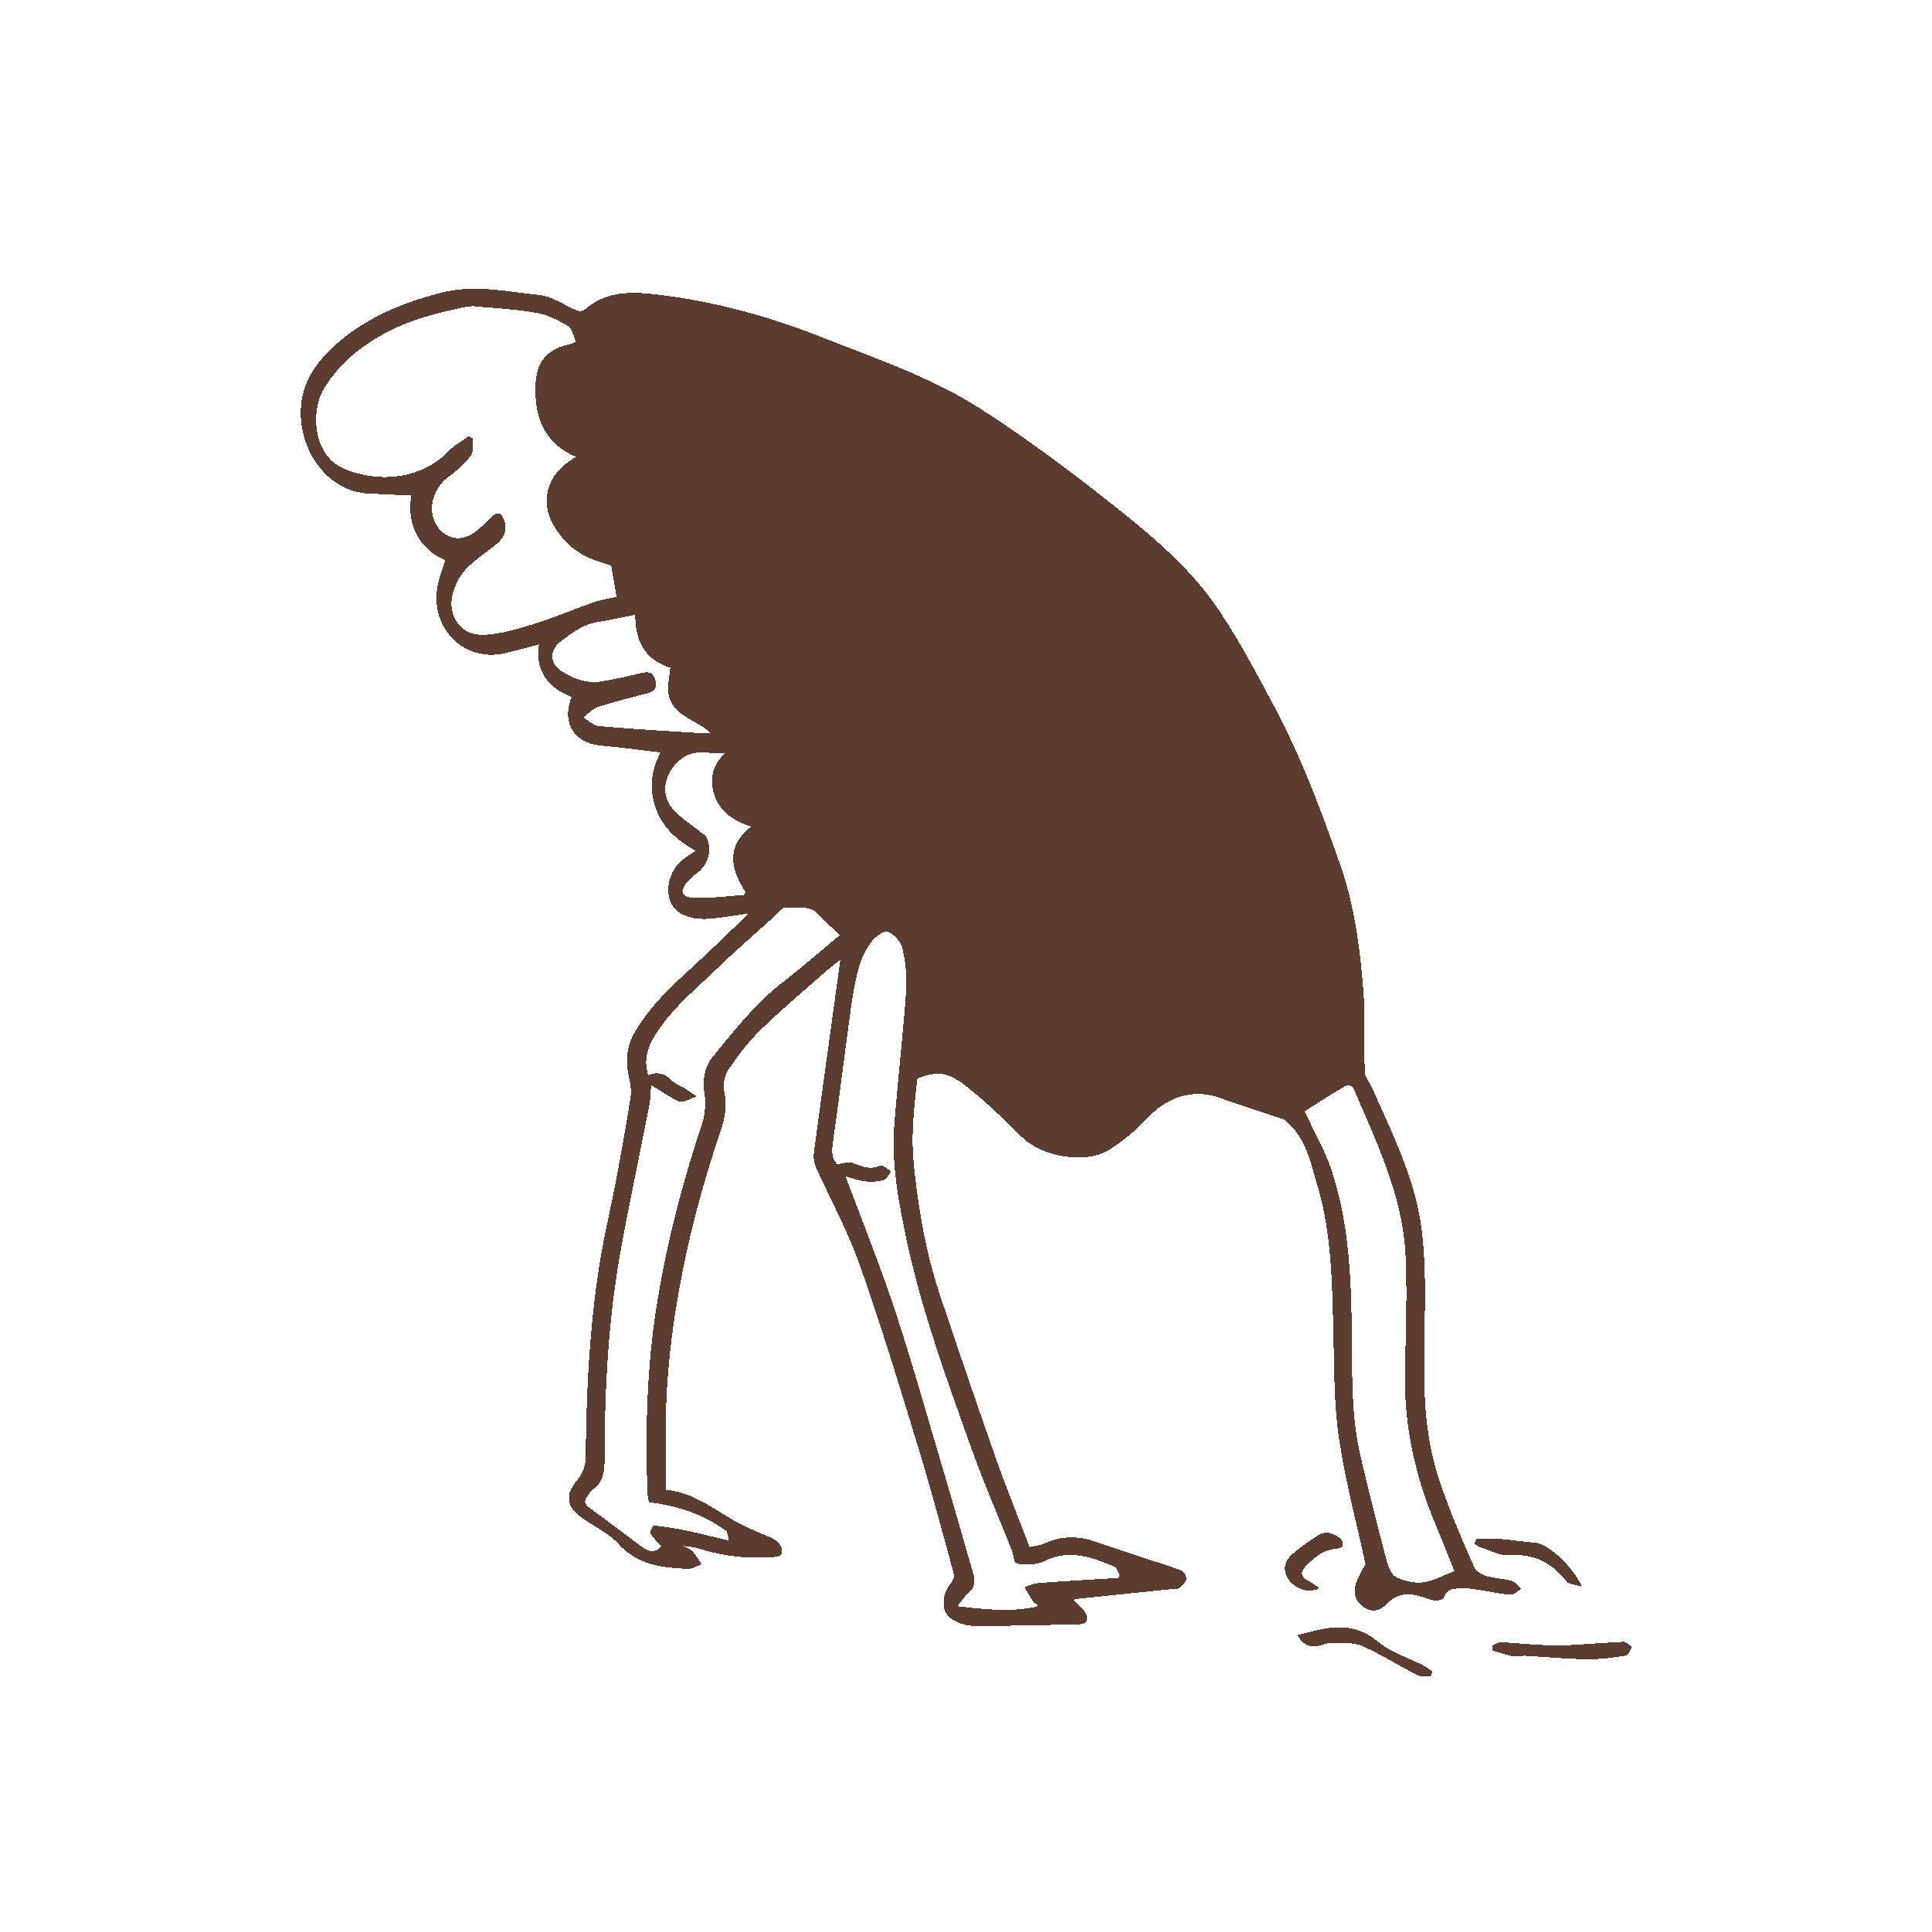 Ego-type de Struisvogel Illustratie Ontwerpstudio Karel & Linda